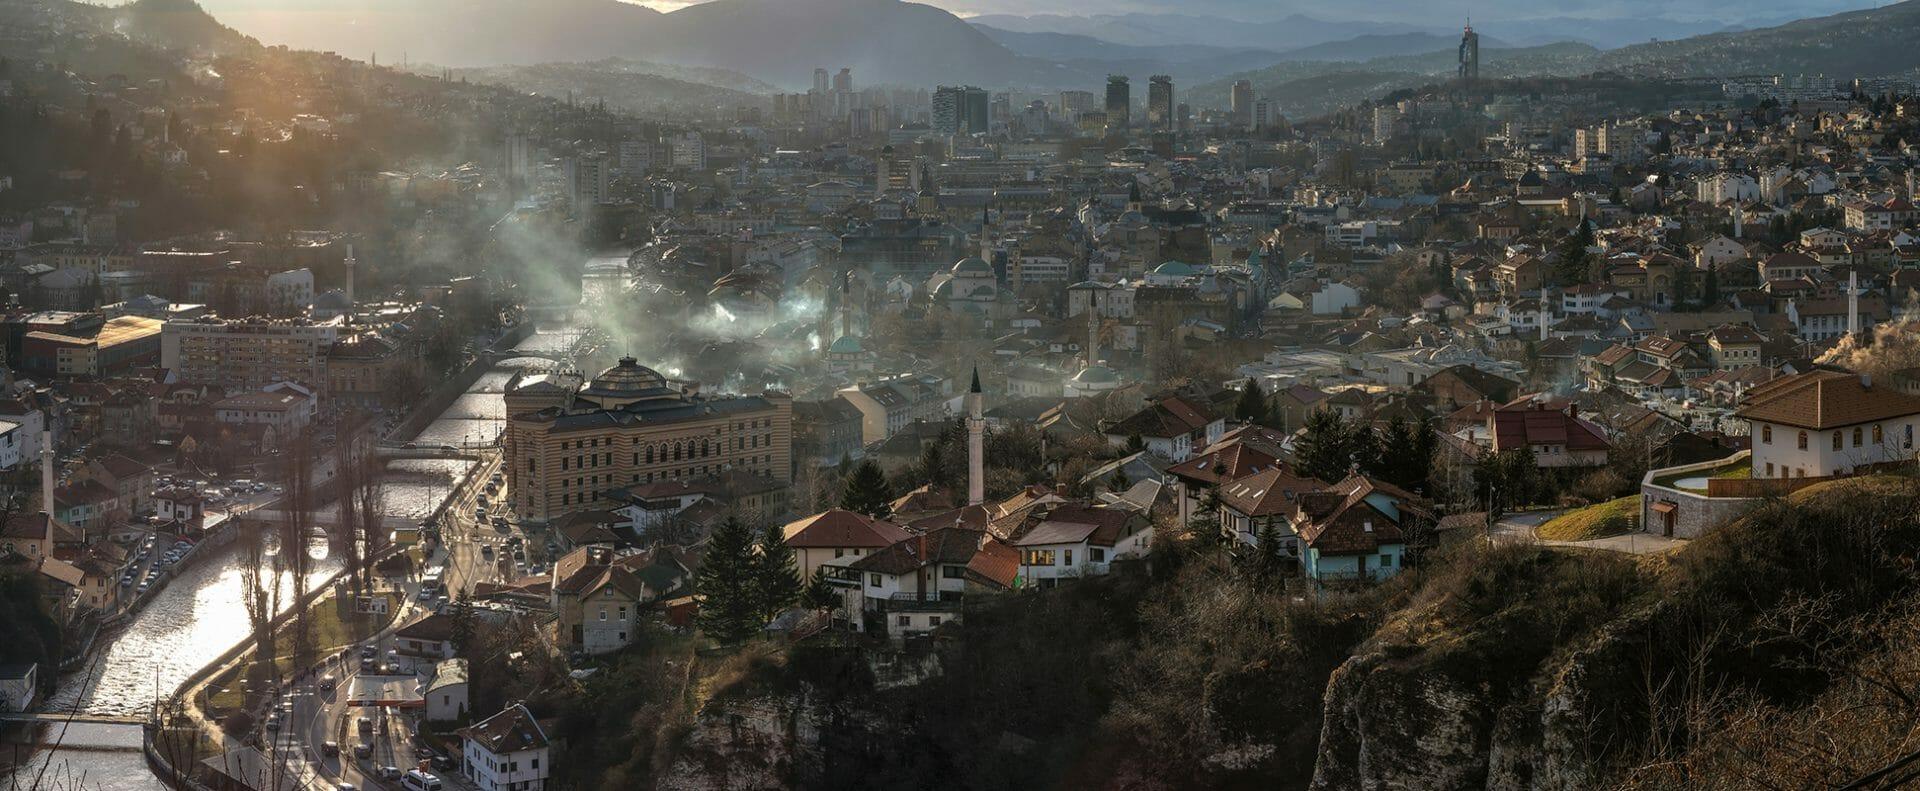 Sarajevo panorama 13000x5300 px